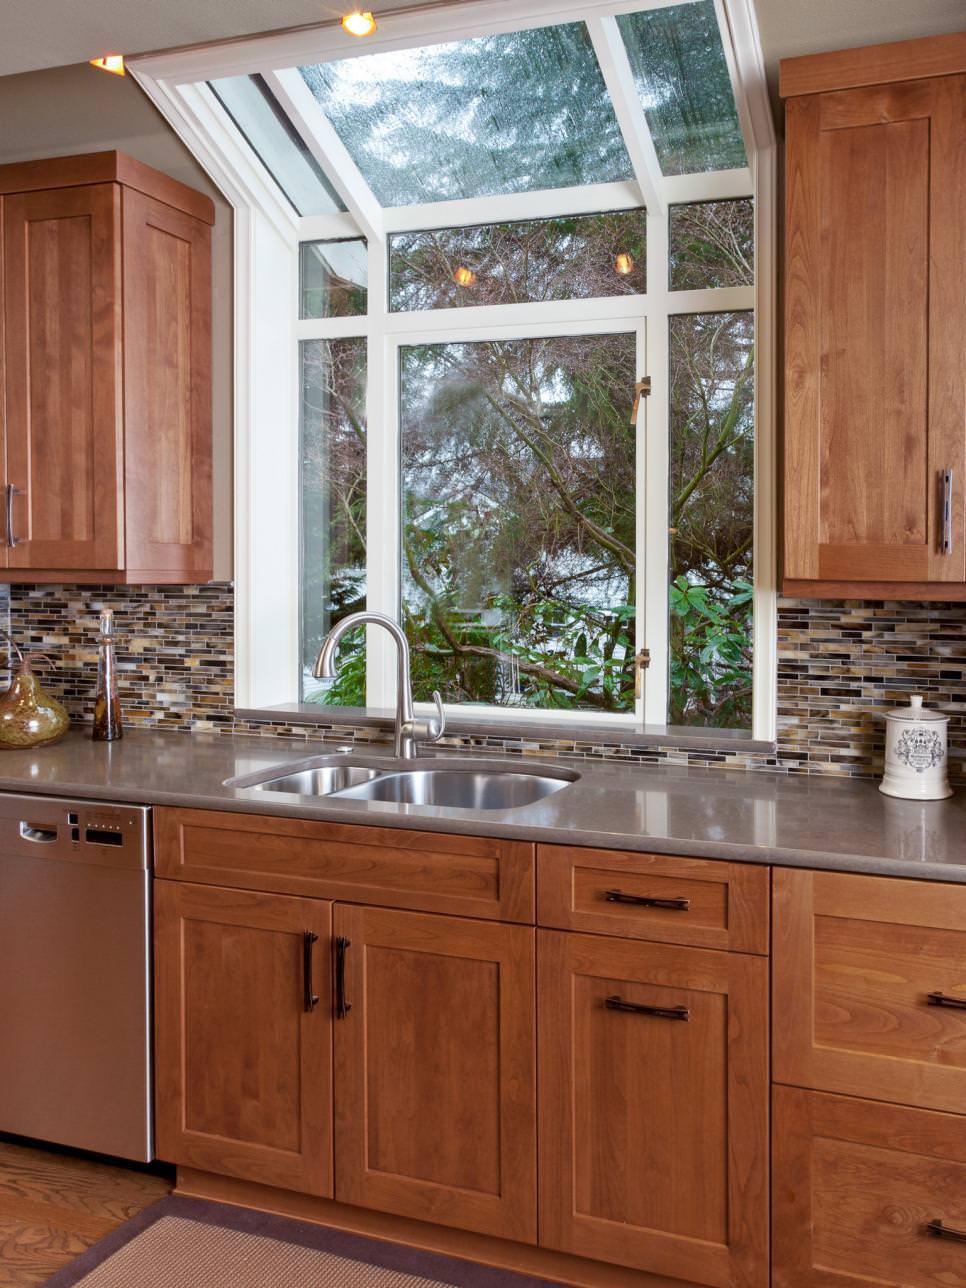 25+ Kitchen Sink Designs, Ideas | Design Trends - Premium ... on Kitchen Sink Ideas  id=86125